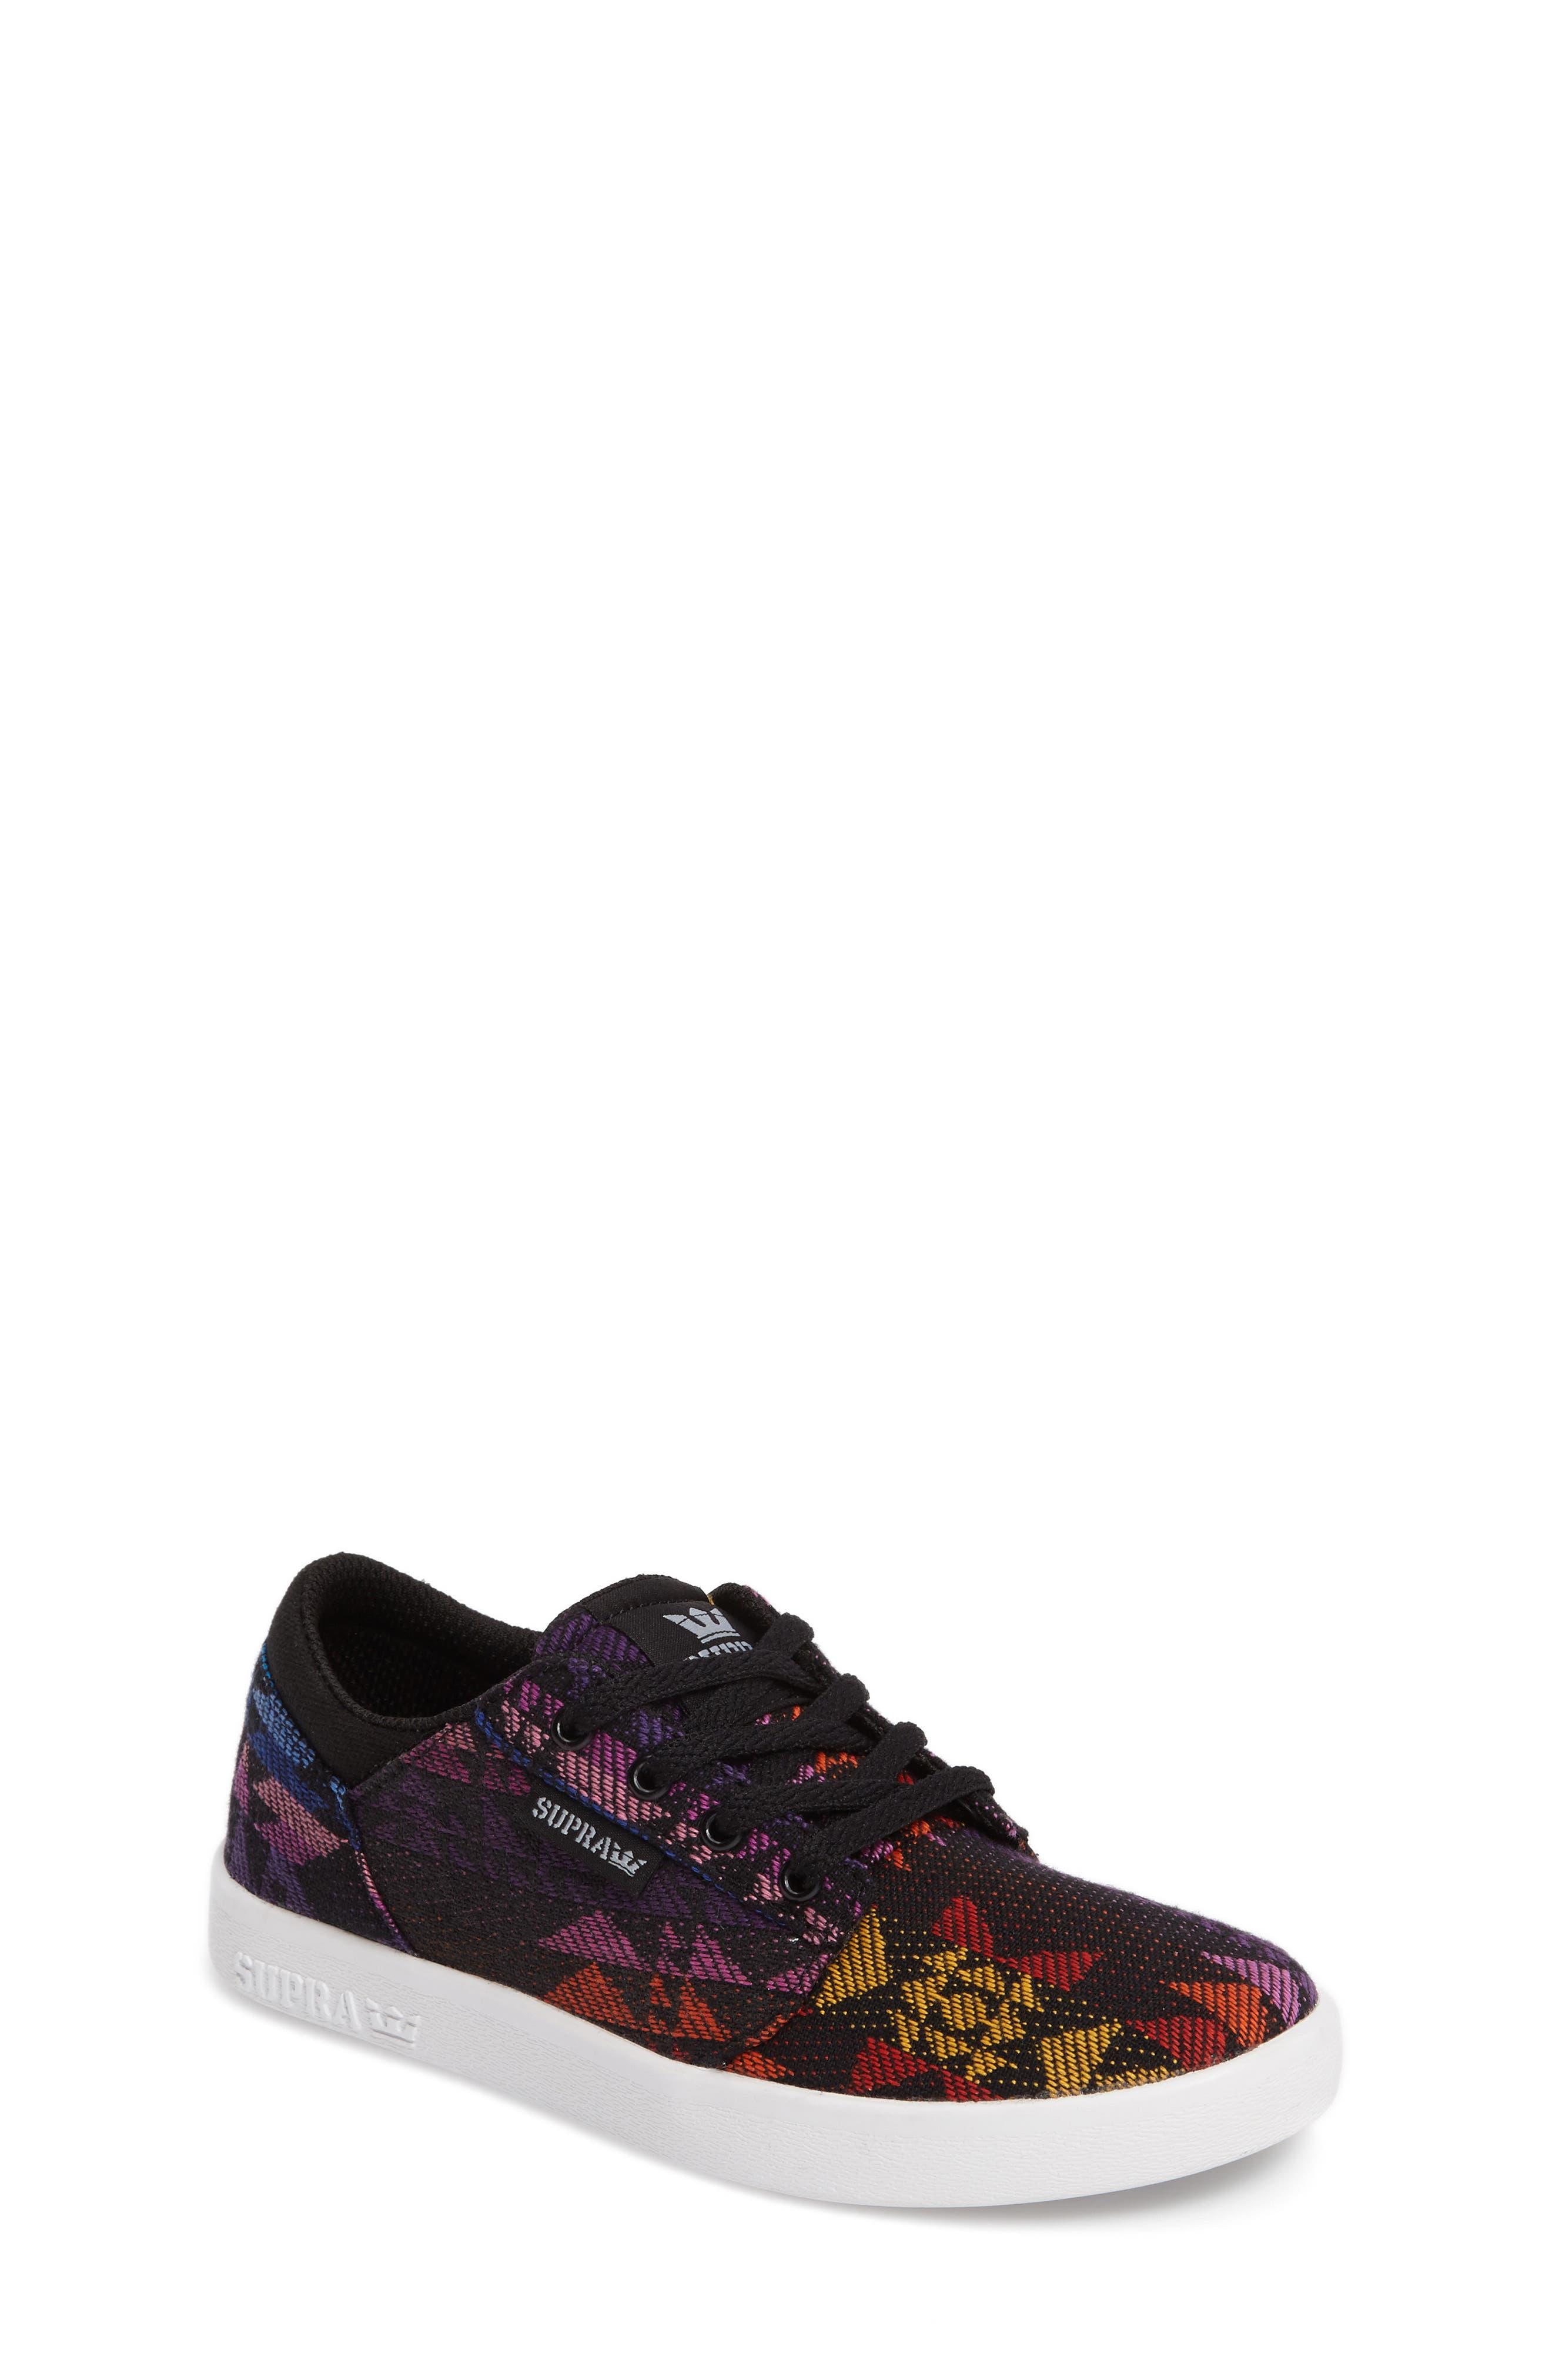 Yorek Low Top Sneaker,                         Main,                         color,